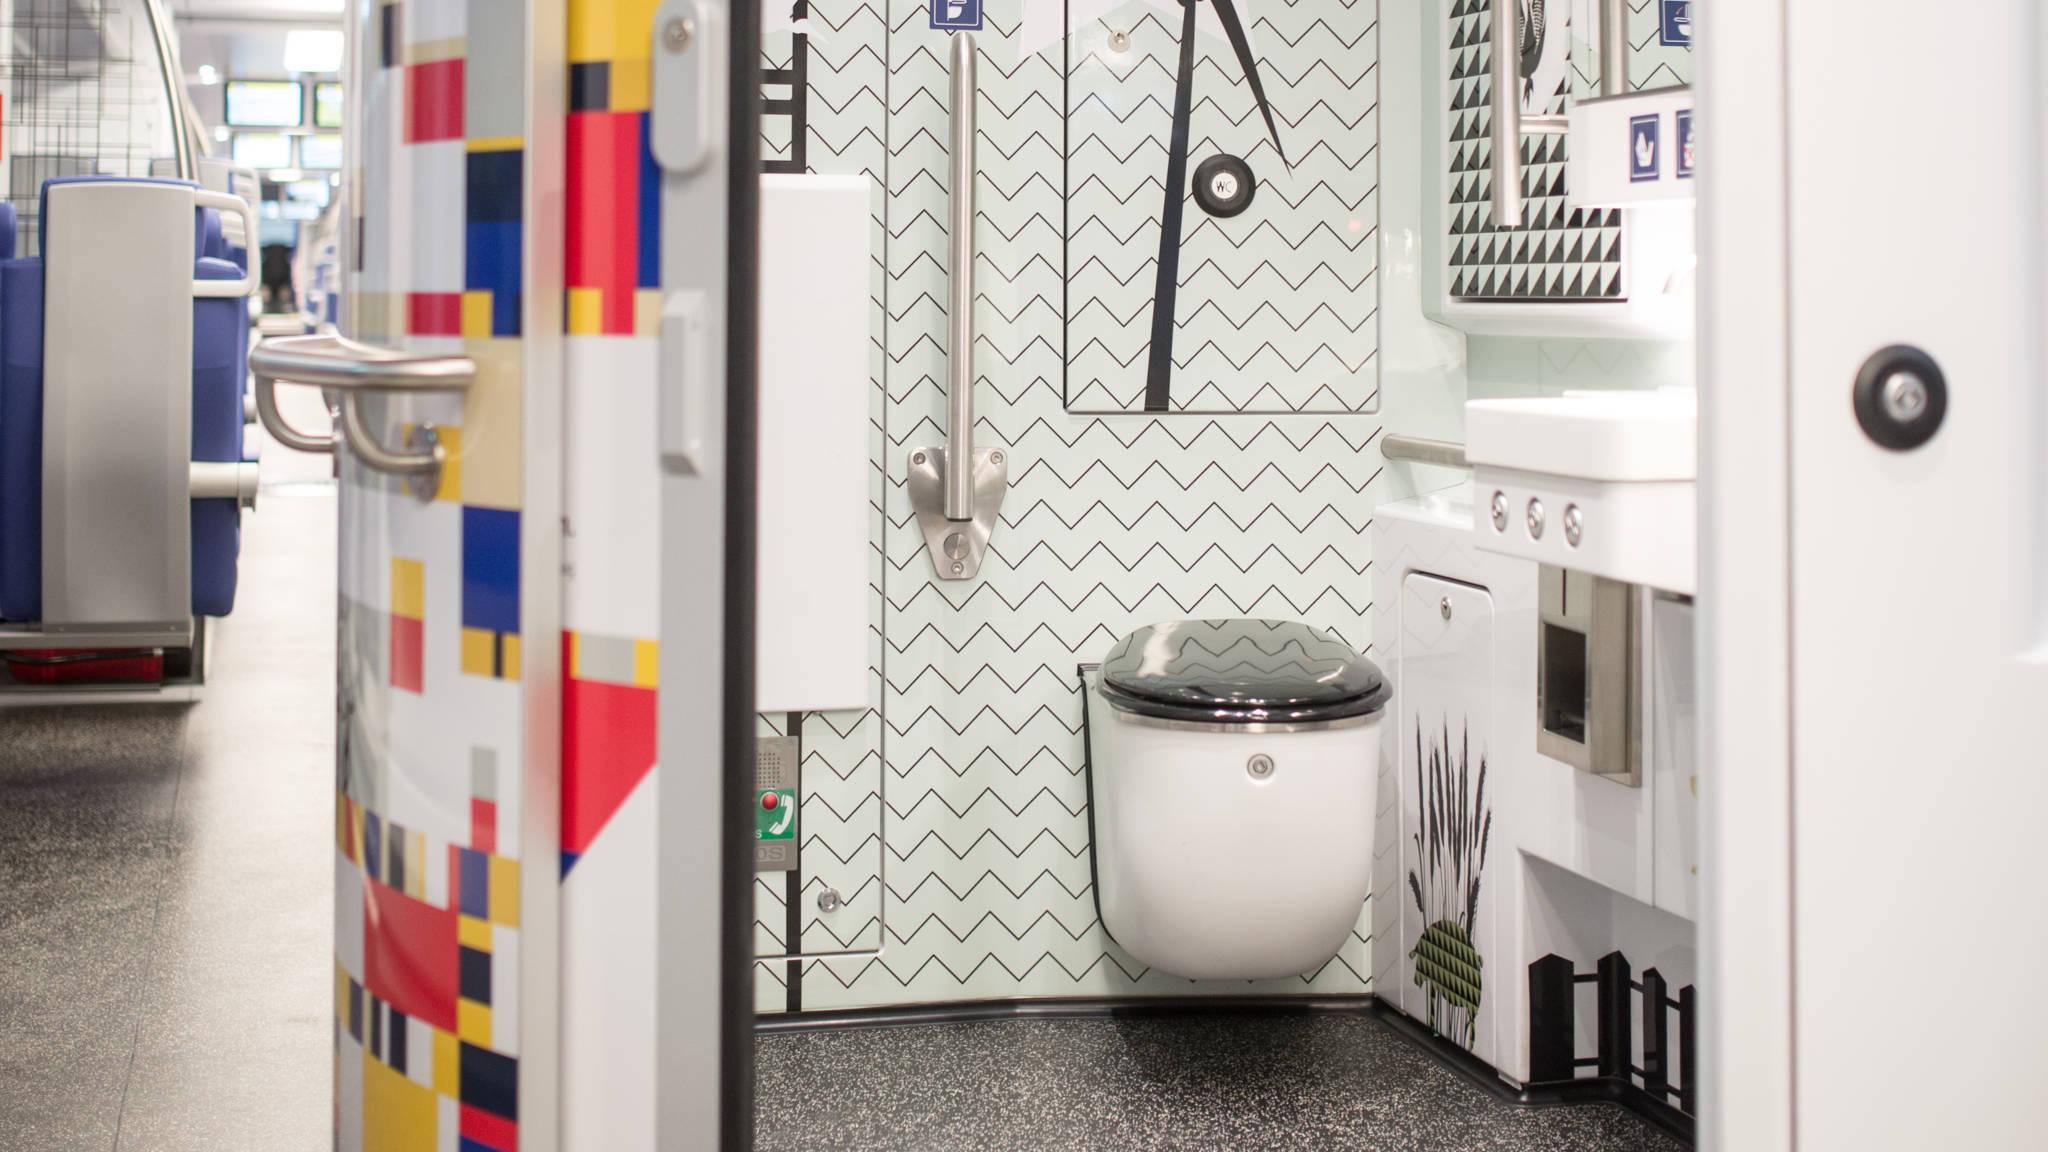 Geen Toilet In Sprinter.Nieuwe Sprinter Ns Heeft Licht Interieur Met Kleurige